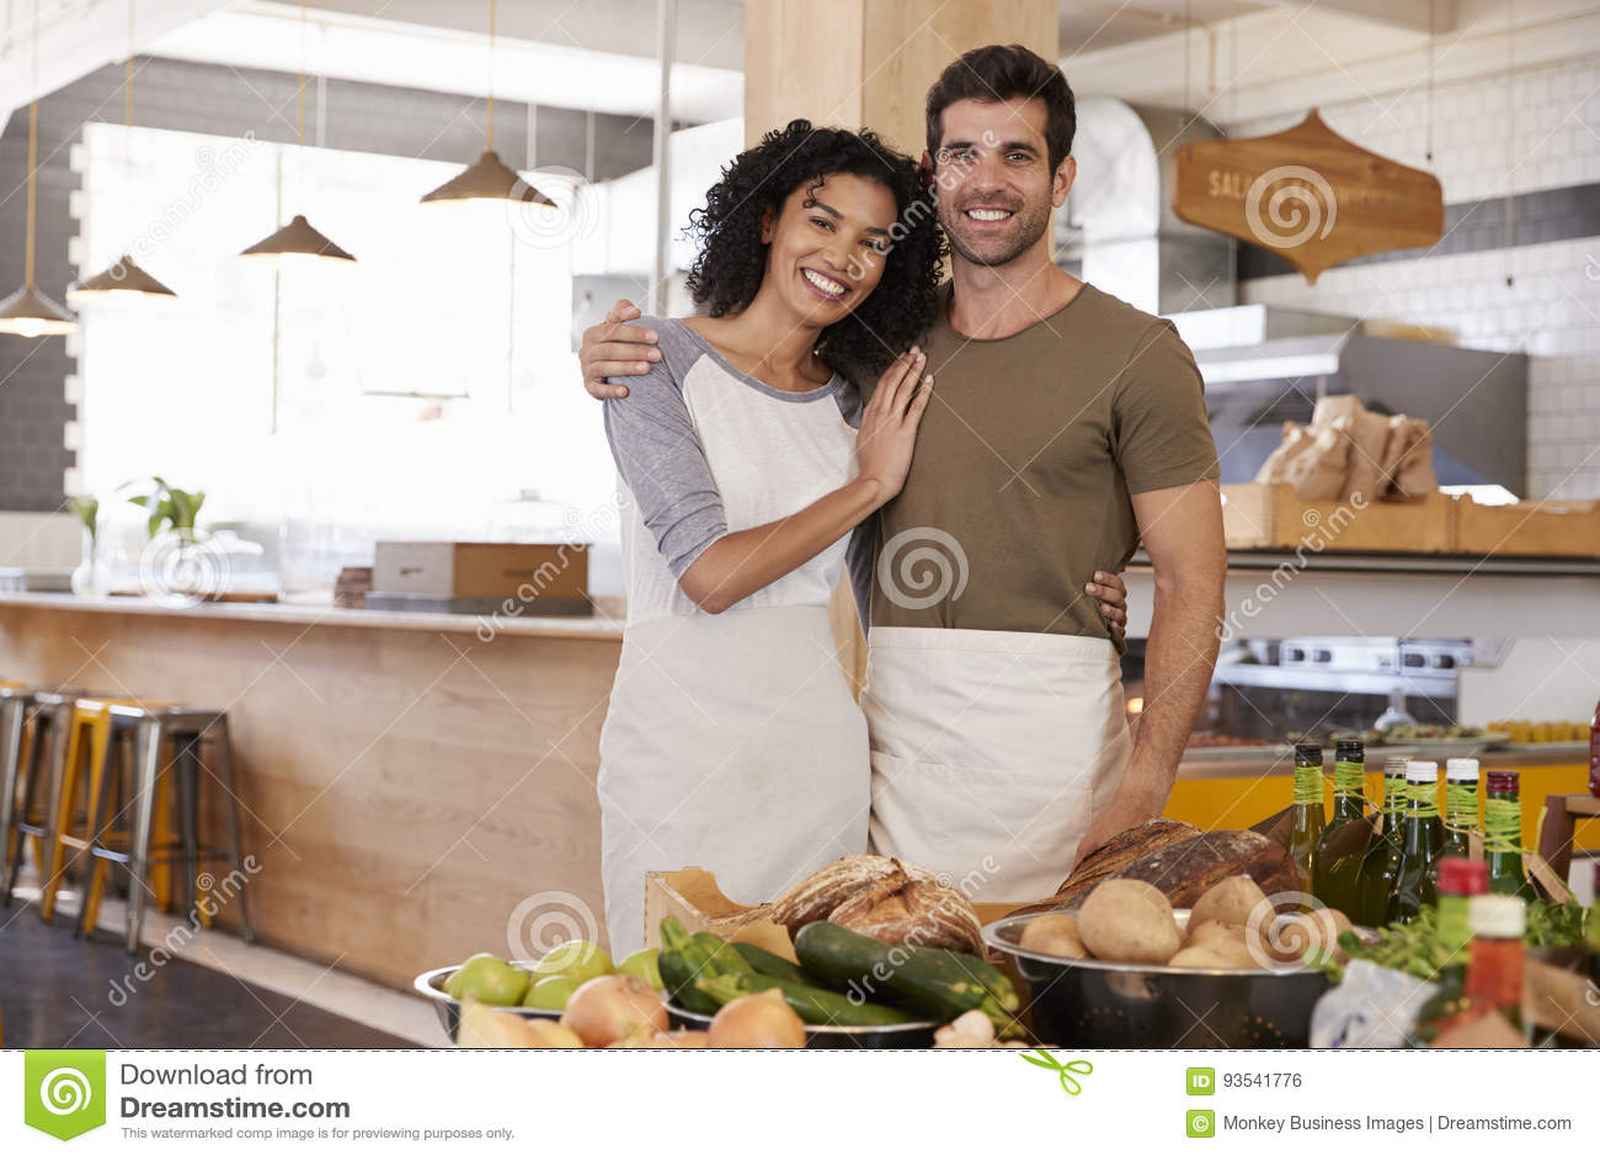 Ritratto del deposito di alimento biologico corrente delle coppie insieme